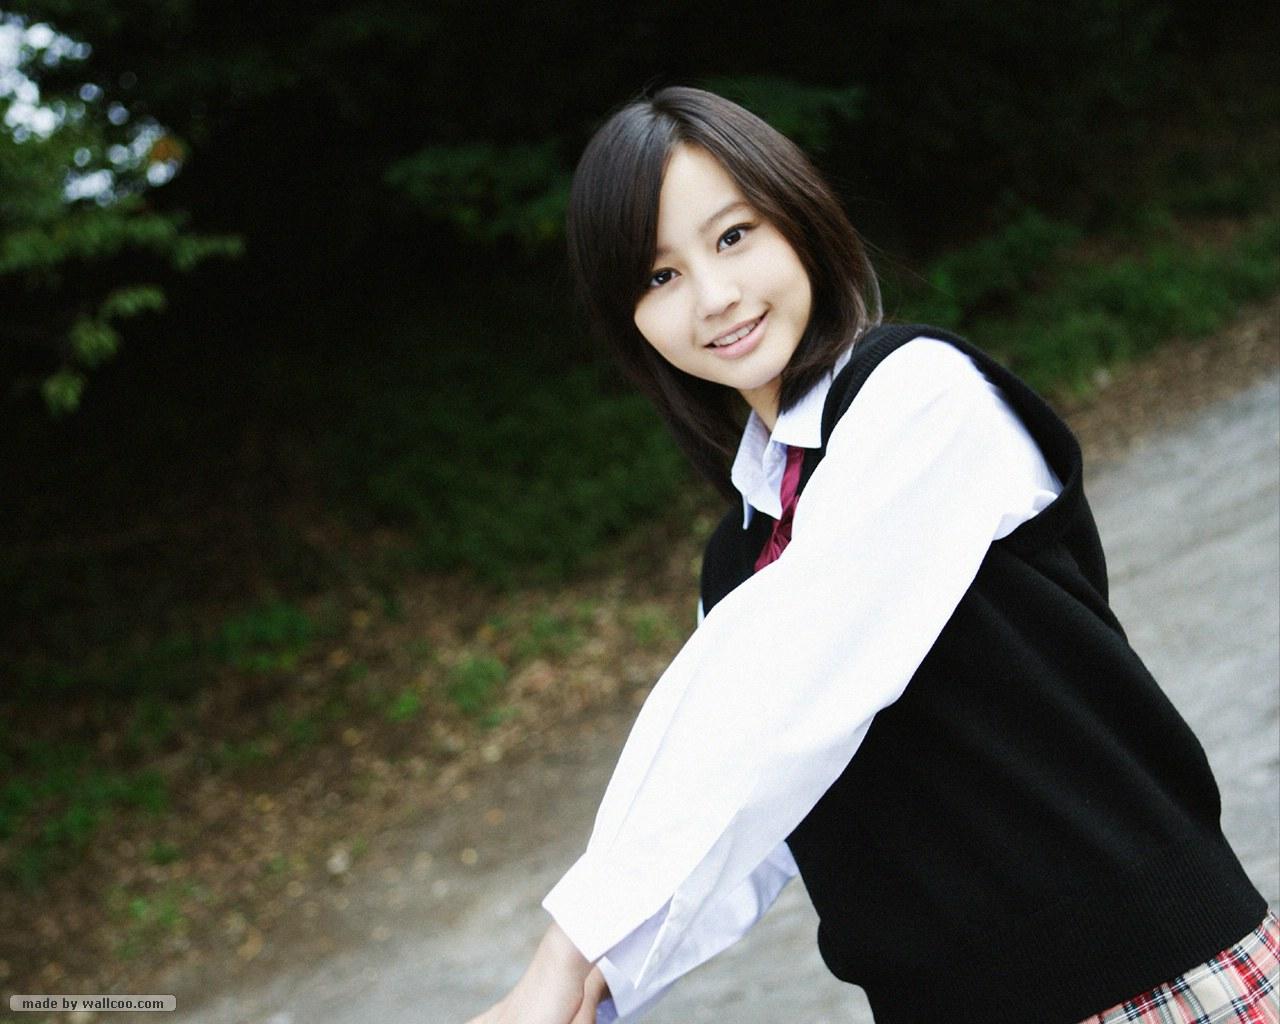 清纯学生妹生活照图片素材(22p)[中国photoshop资源